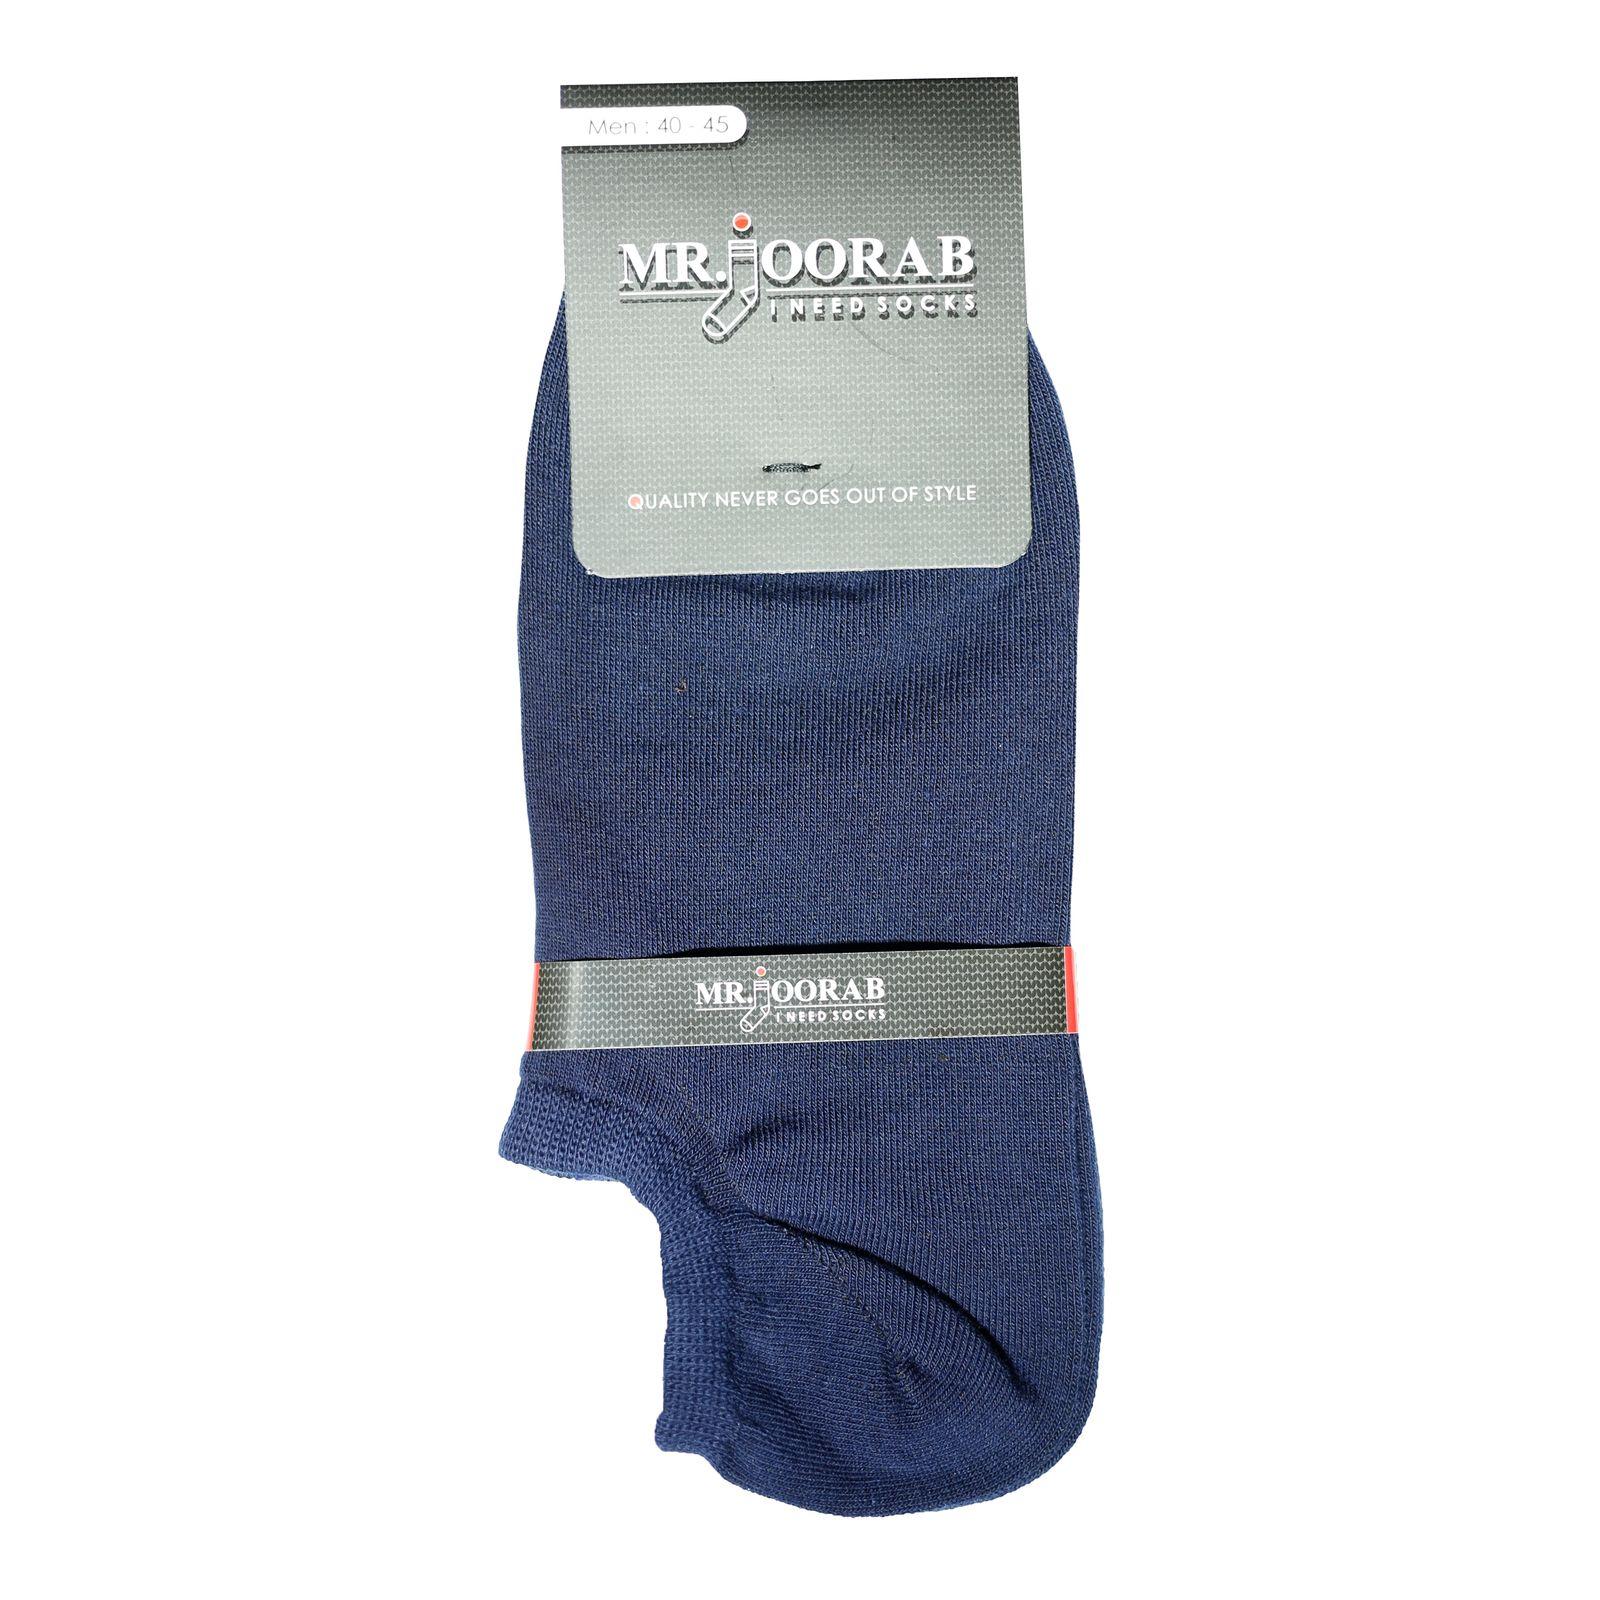 جوراب مردانه مستر جوراب کد BL-MRM 112 بسته 12 عددی -  - 3